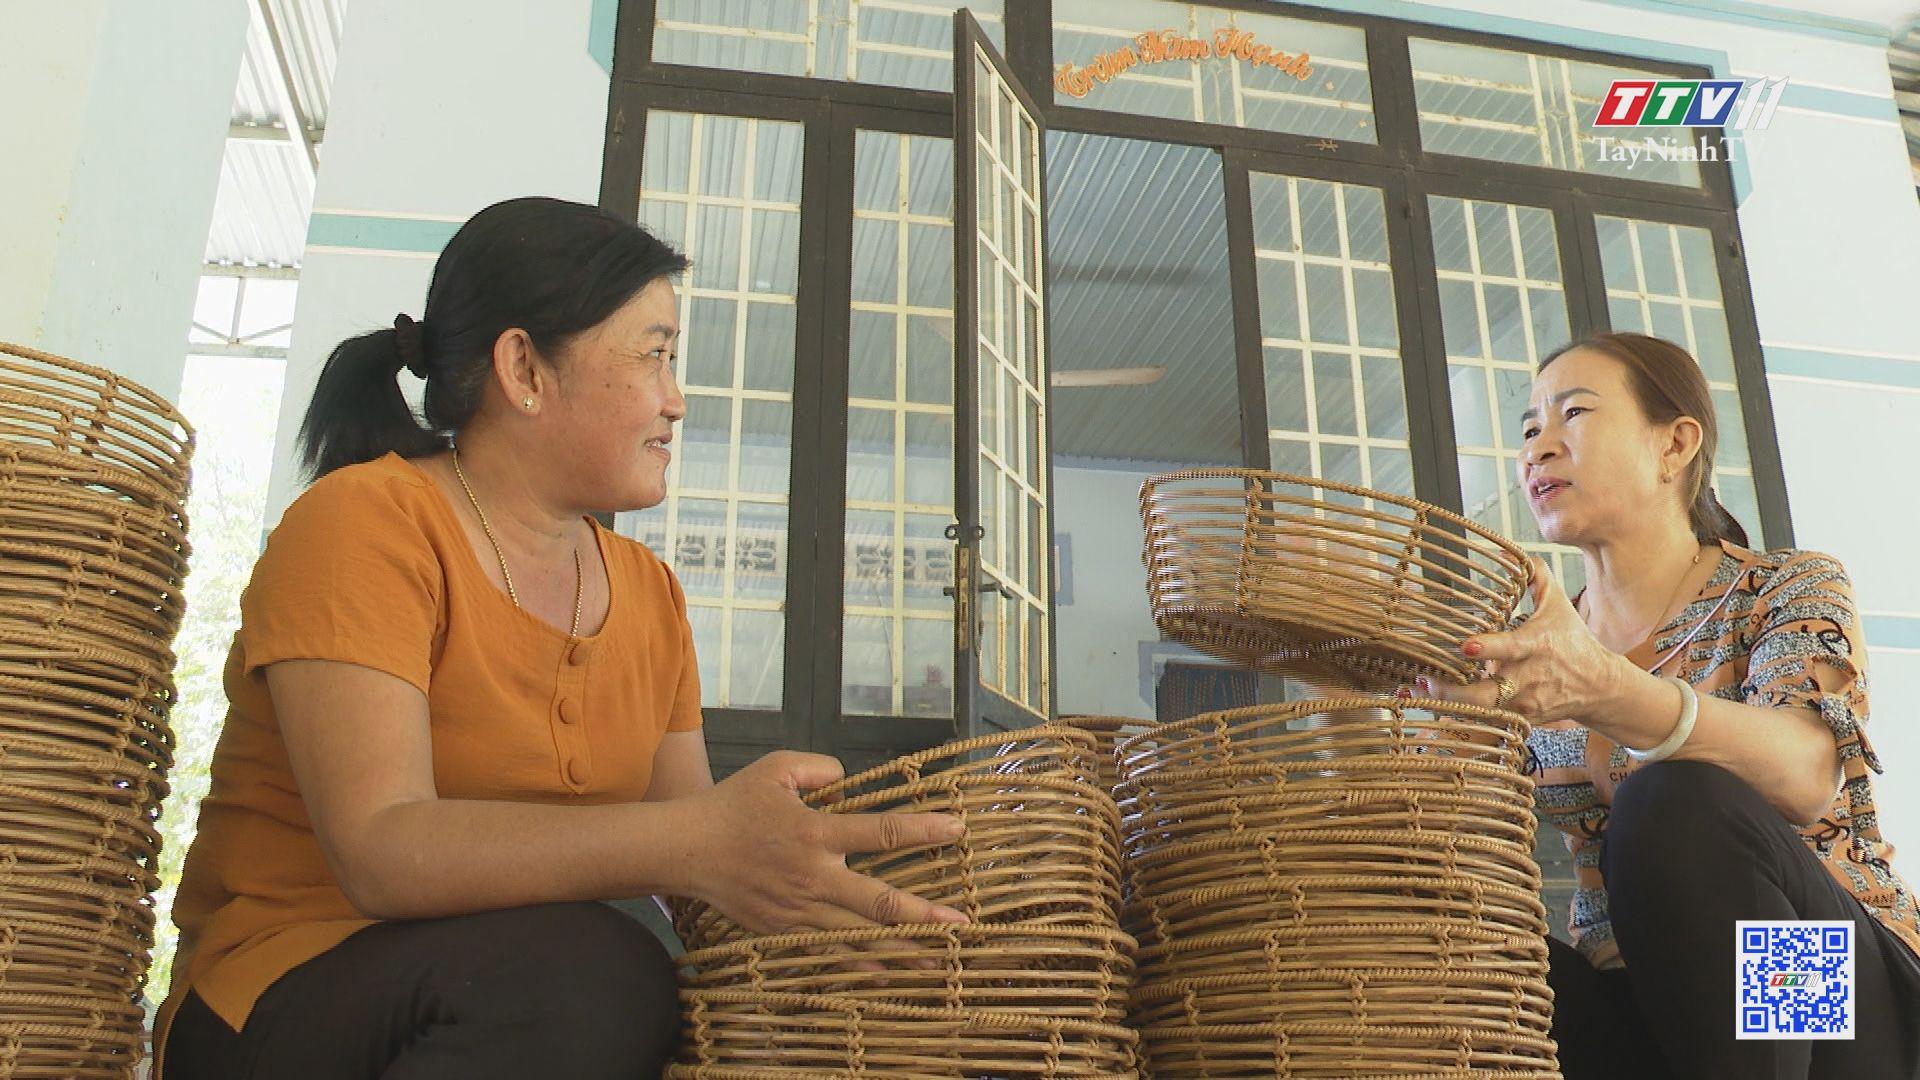 Cán bộ hội giỏi việc nước, đảm việc nhà | TẠP CHÍ PHỤ NỮ | TayNinhTV